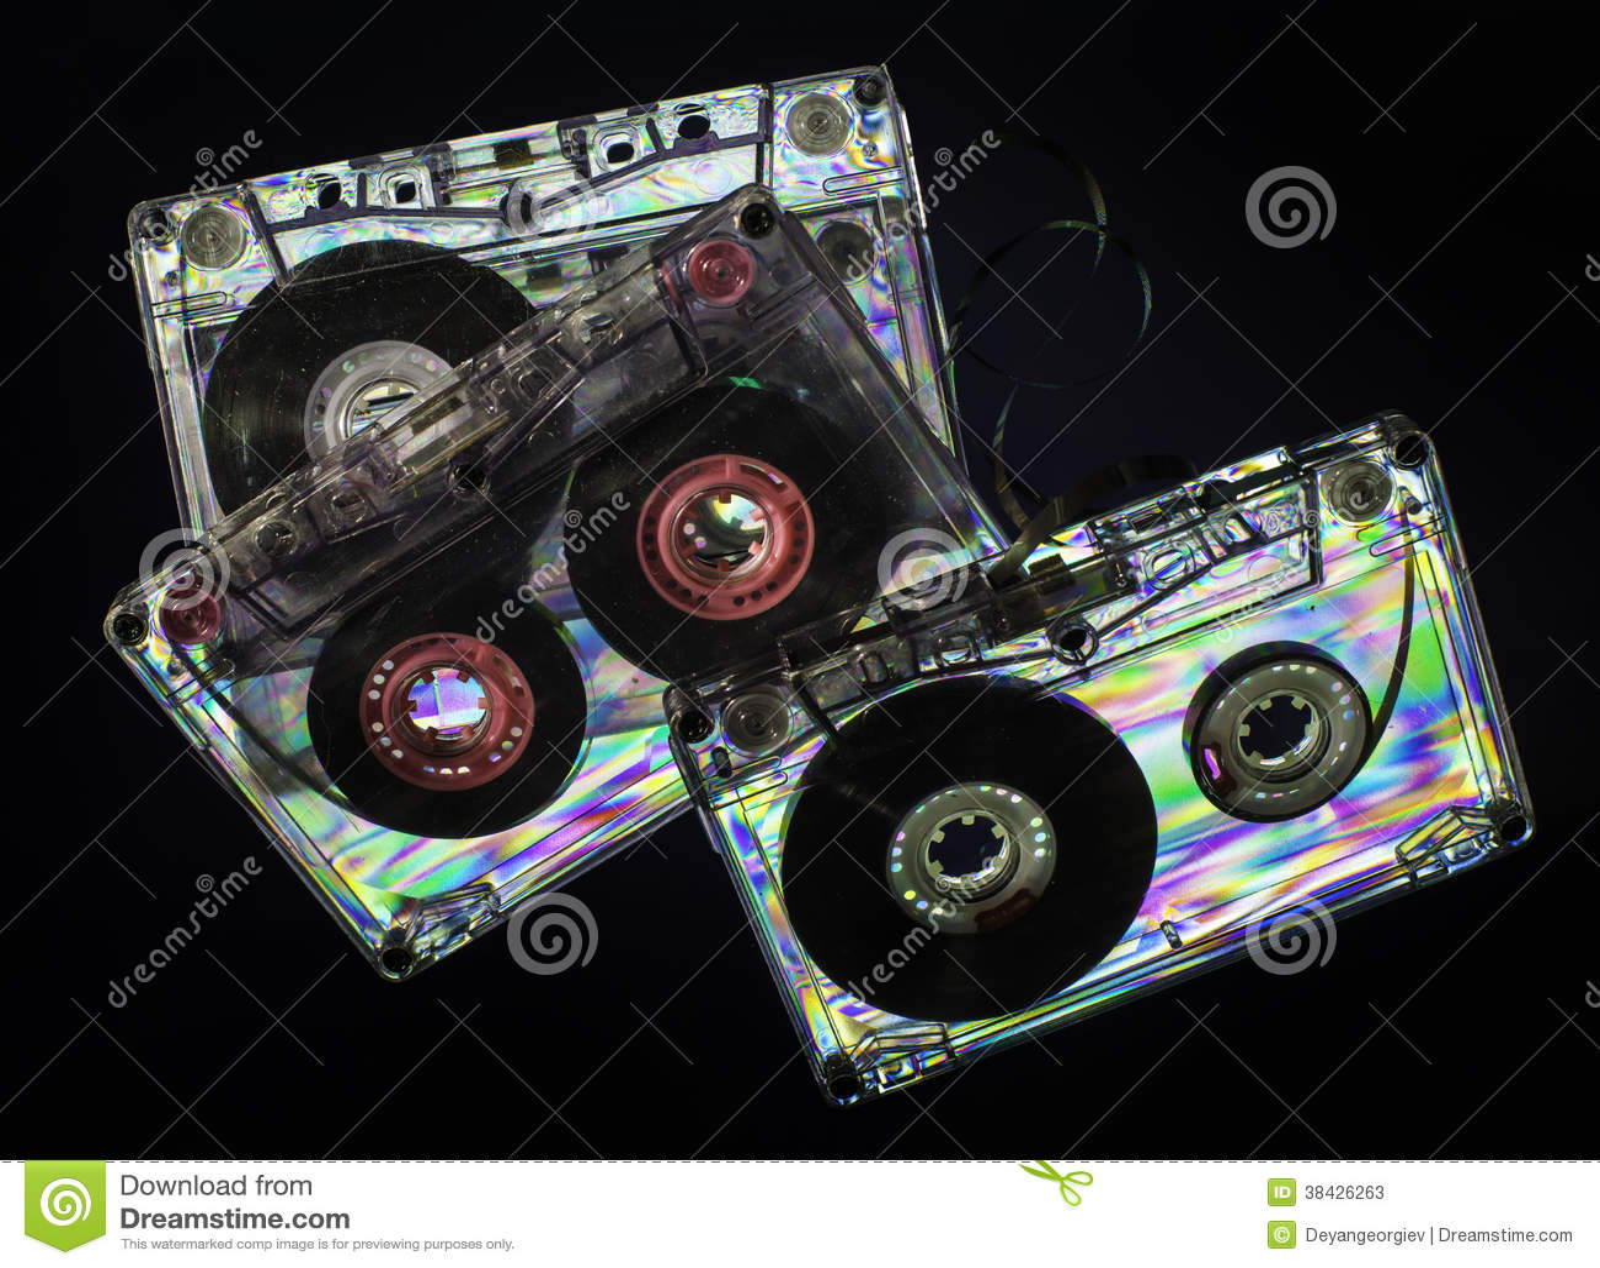 More vintage cassette tapes